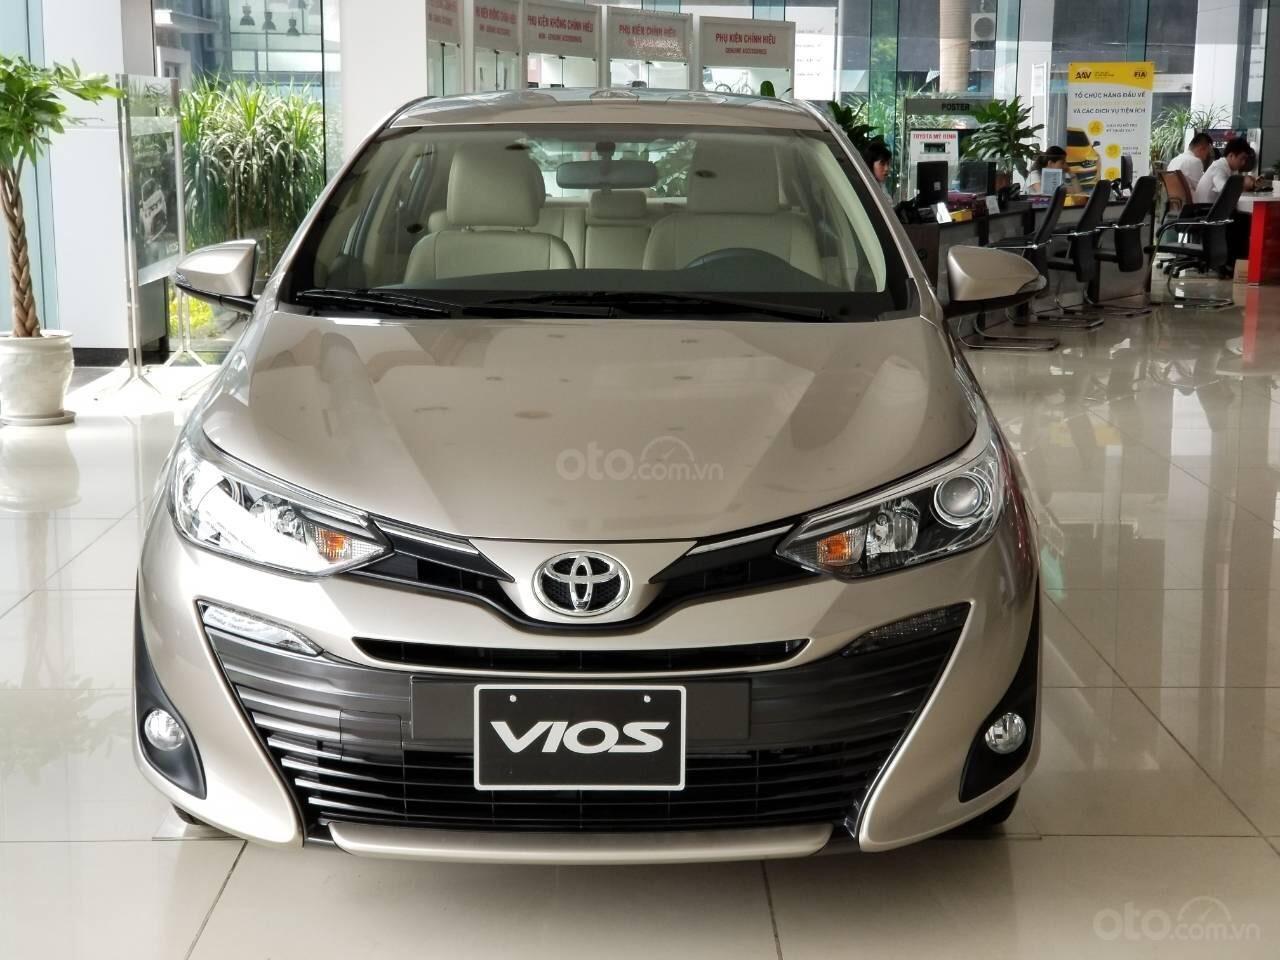 Bán nhanh chiếc xe Toyota Vios 1.5G CVT - 2019 với giá cạnh tranh nhất thị trường (1)